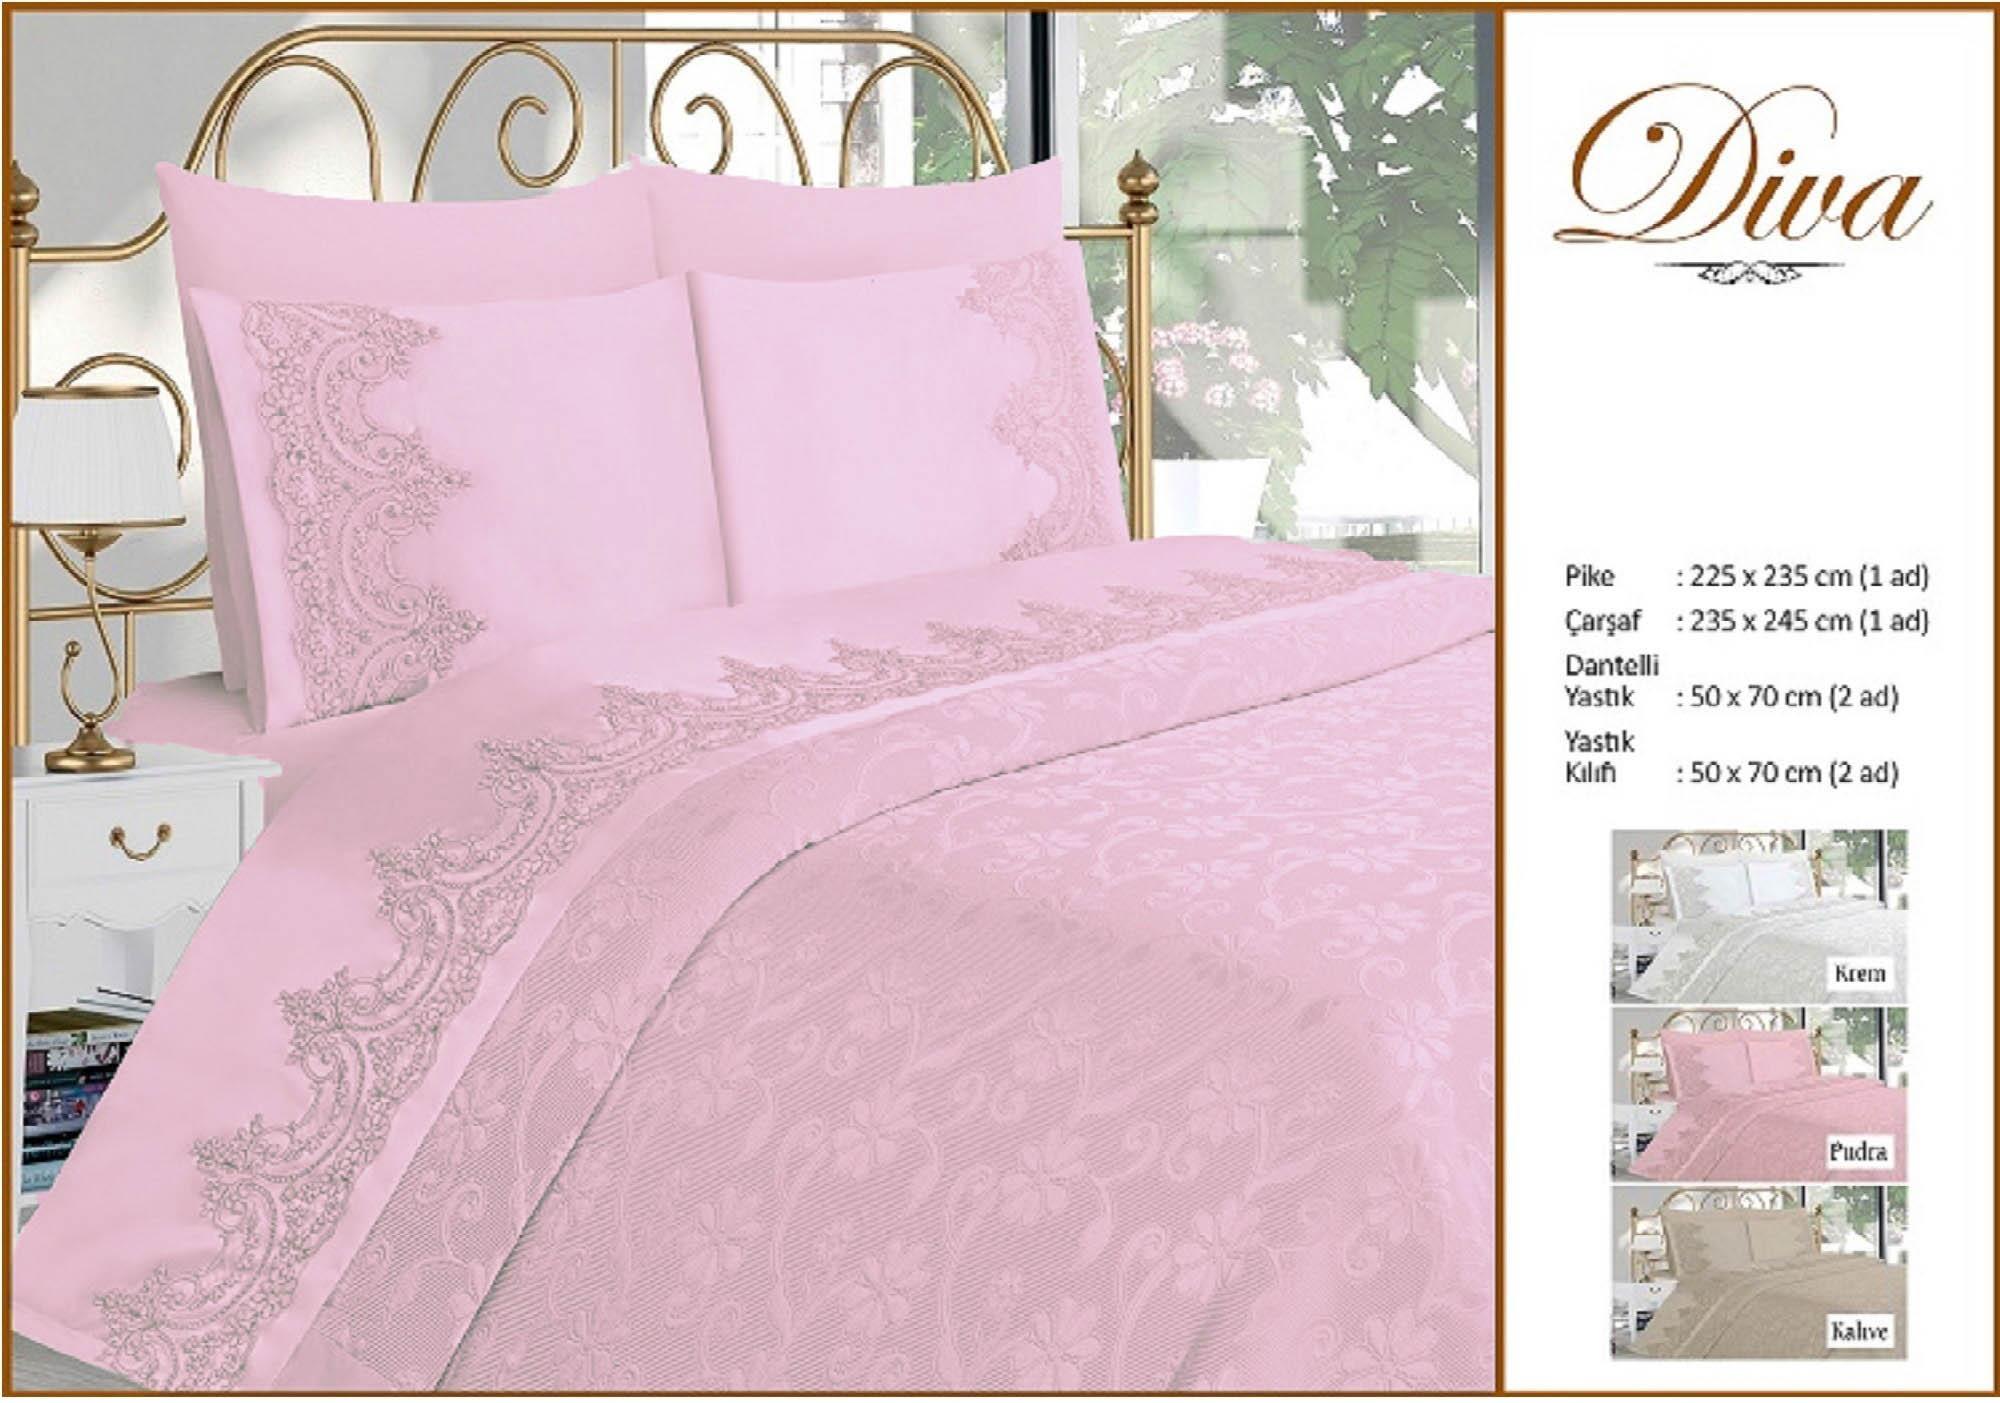 Купить Комплекты постельного белья DO'n'CO, Постельное белье Diva Цвет: Пудра (2 сп. евро), Турция, Розовый, Хлопковый сатин